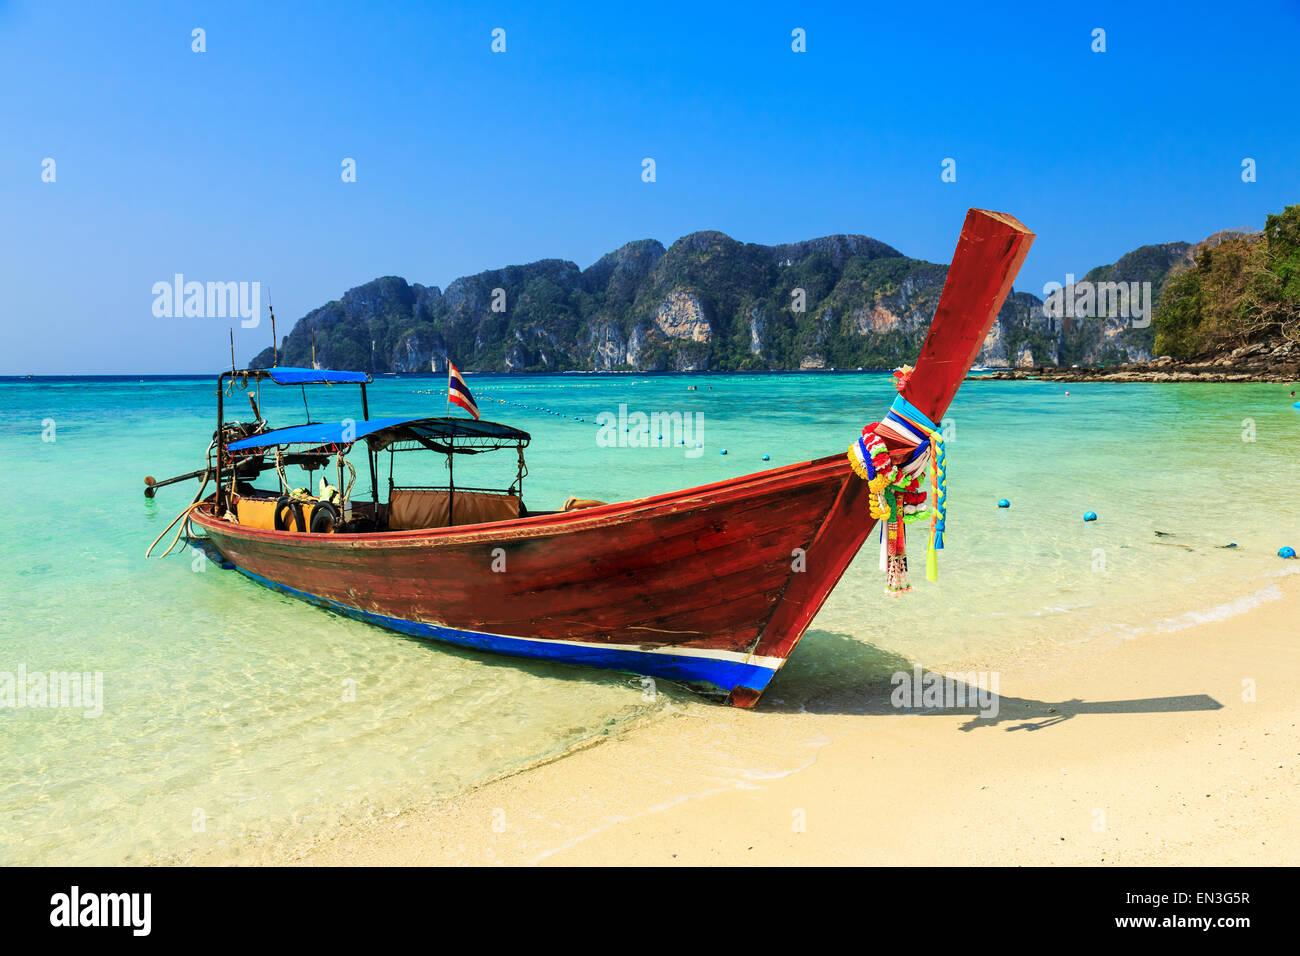 """Bateau """"long tail"""" à Koh Phi Phi Island, Krabi, Thaïlande. Photo Stock"""